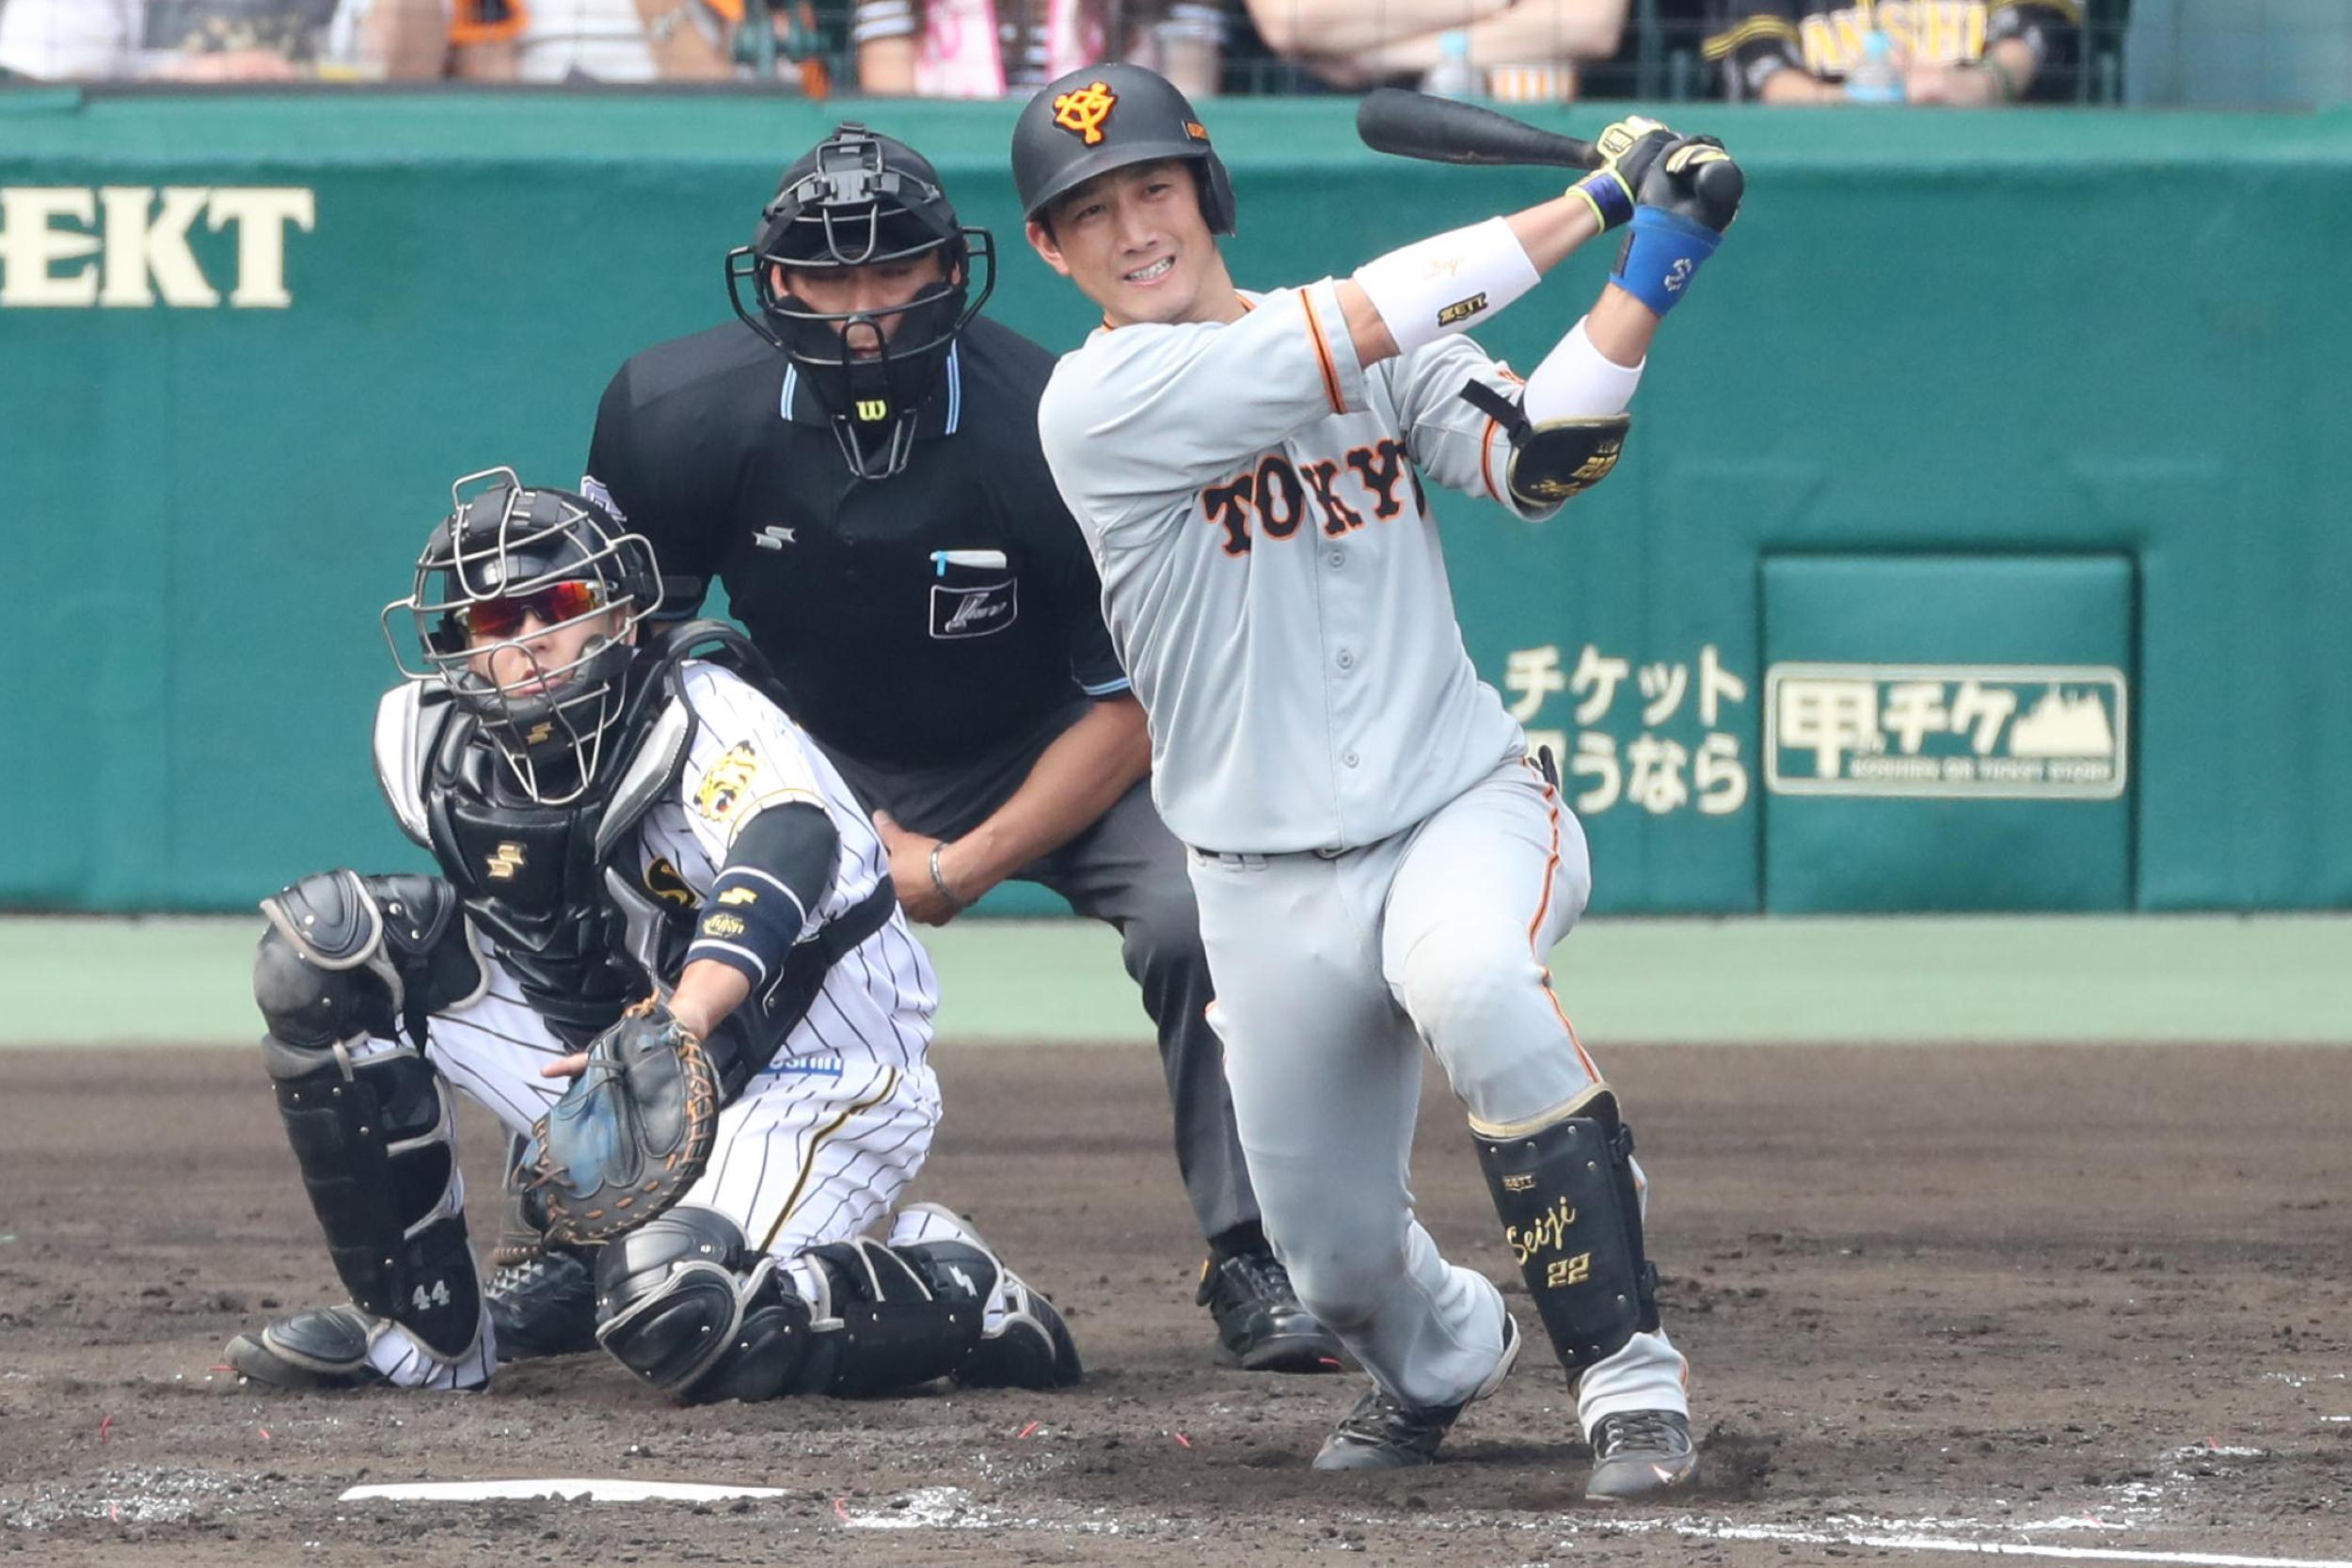 ショウアップナイター | BASEBALL KING | 日本の野球を盛り上げる!巨人・小林 打撃好調は松井秀喜から受けた直接指導のおかげ?